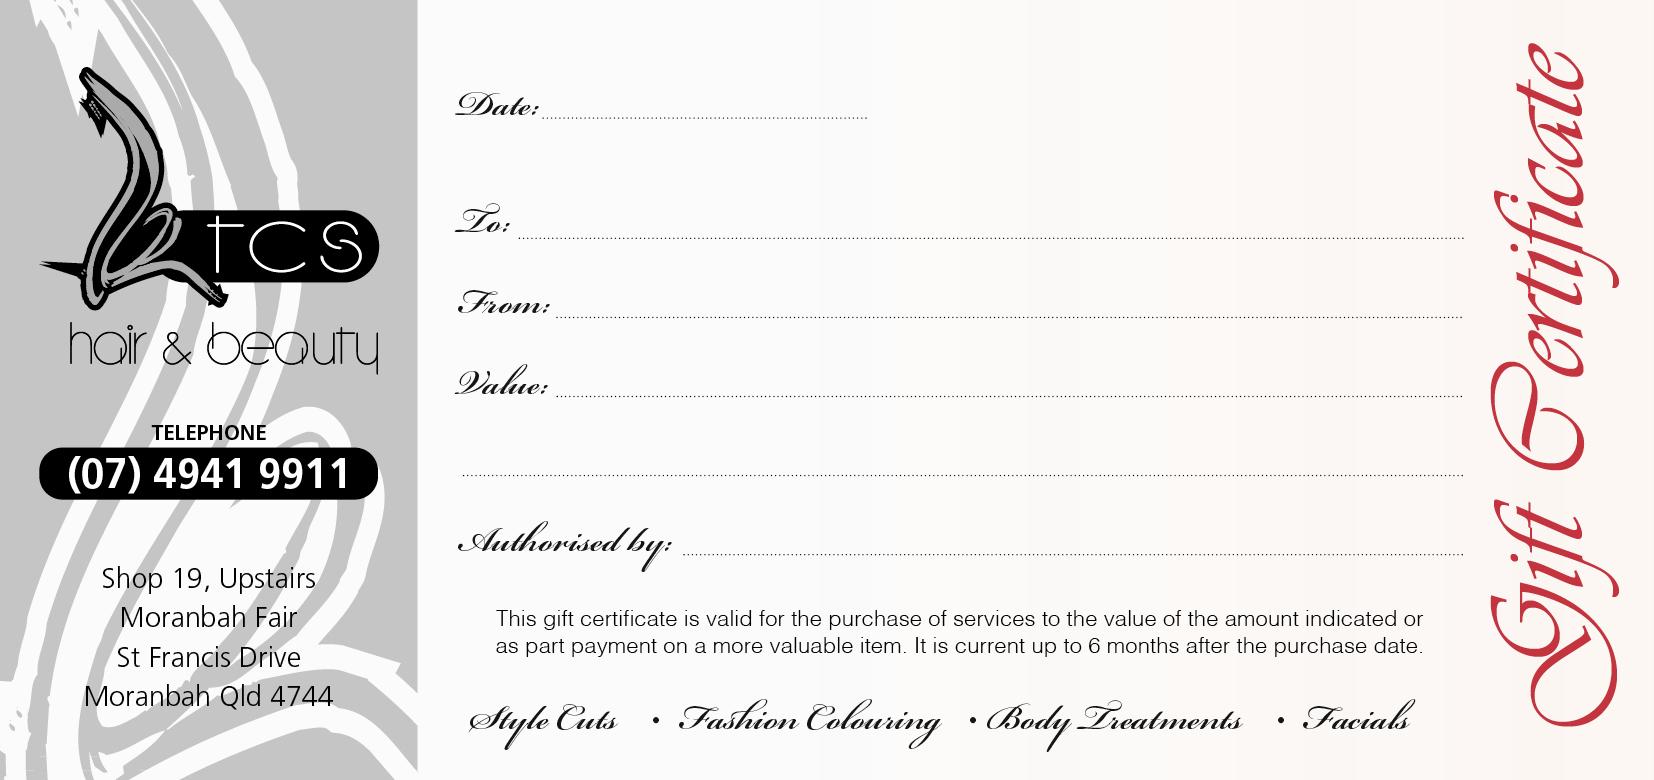 TCS HAIR gift cert